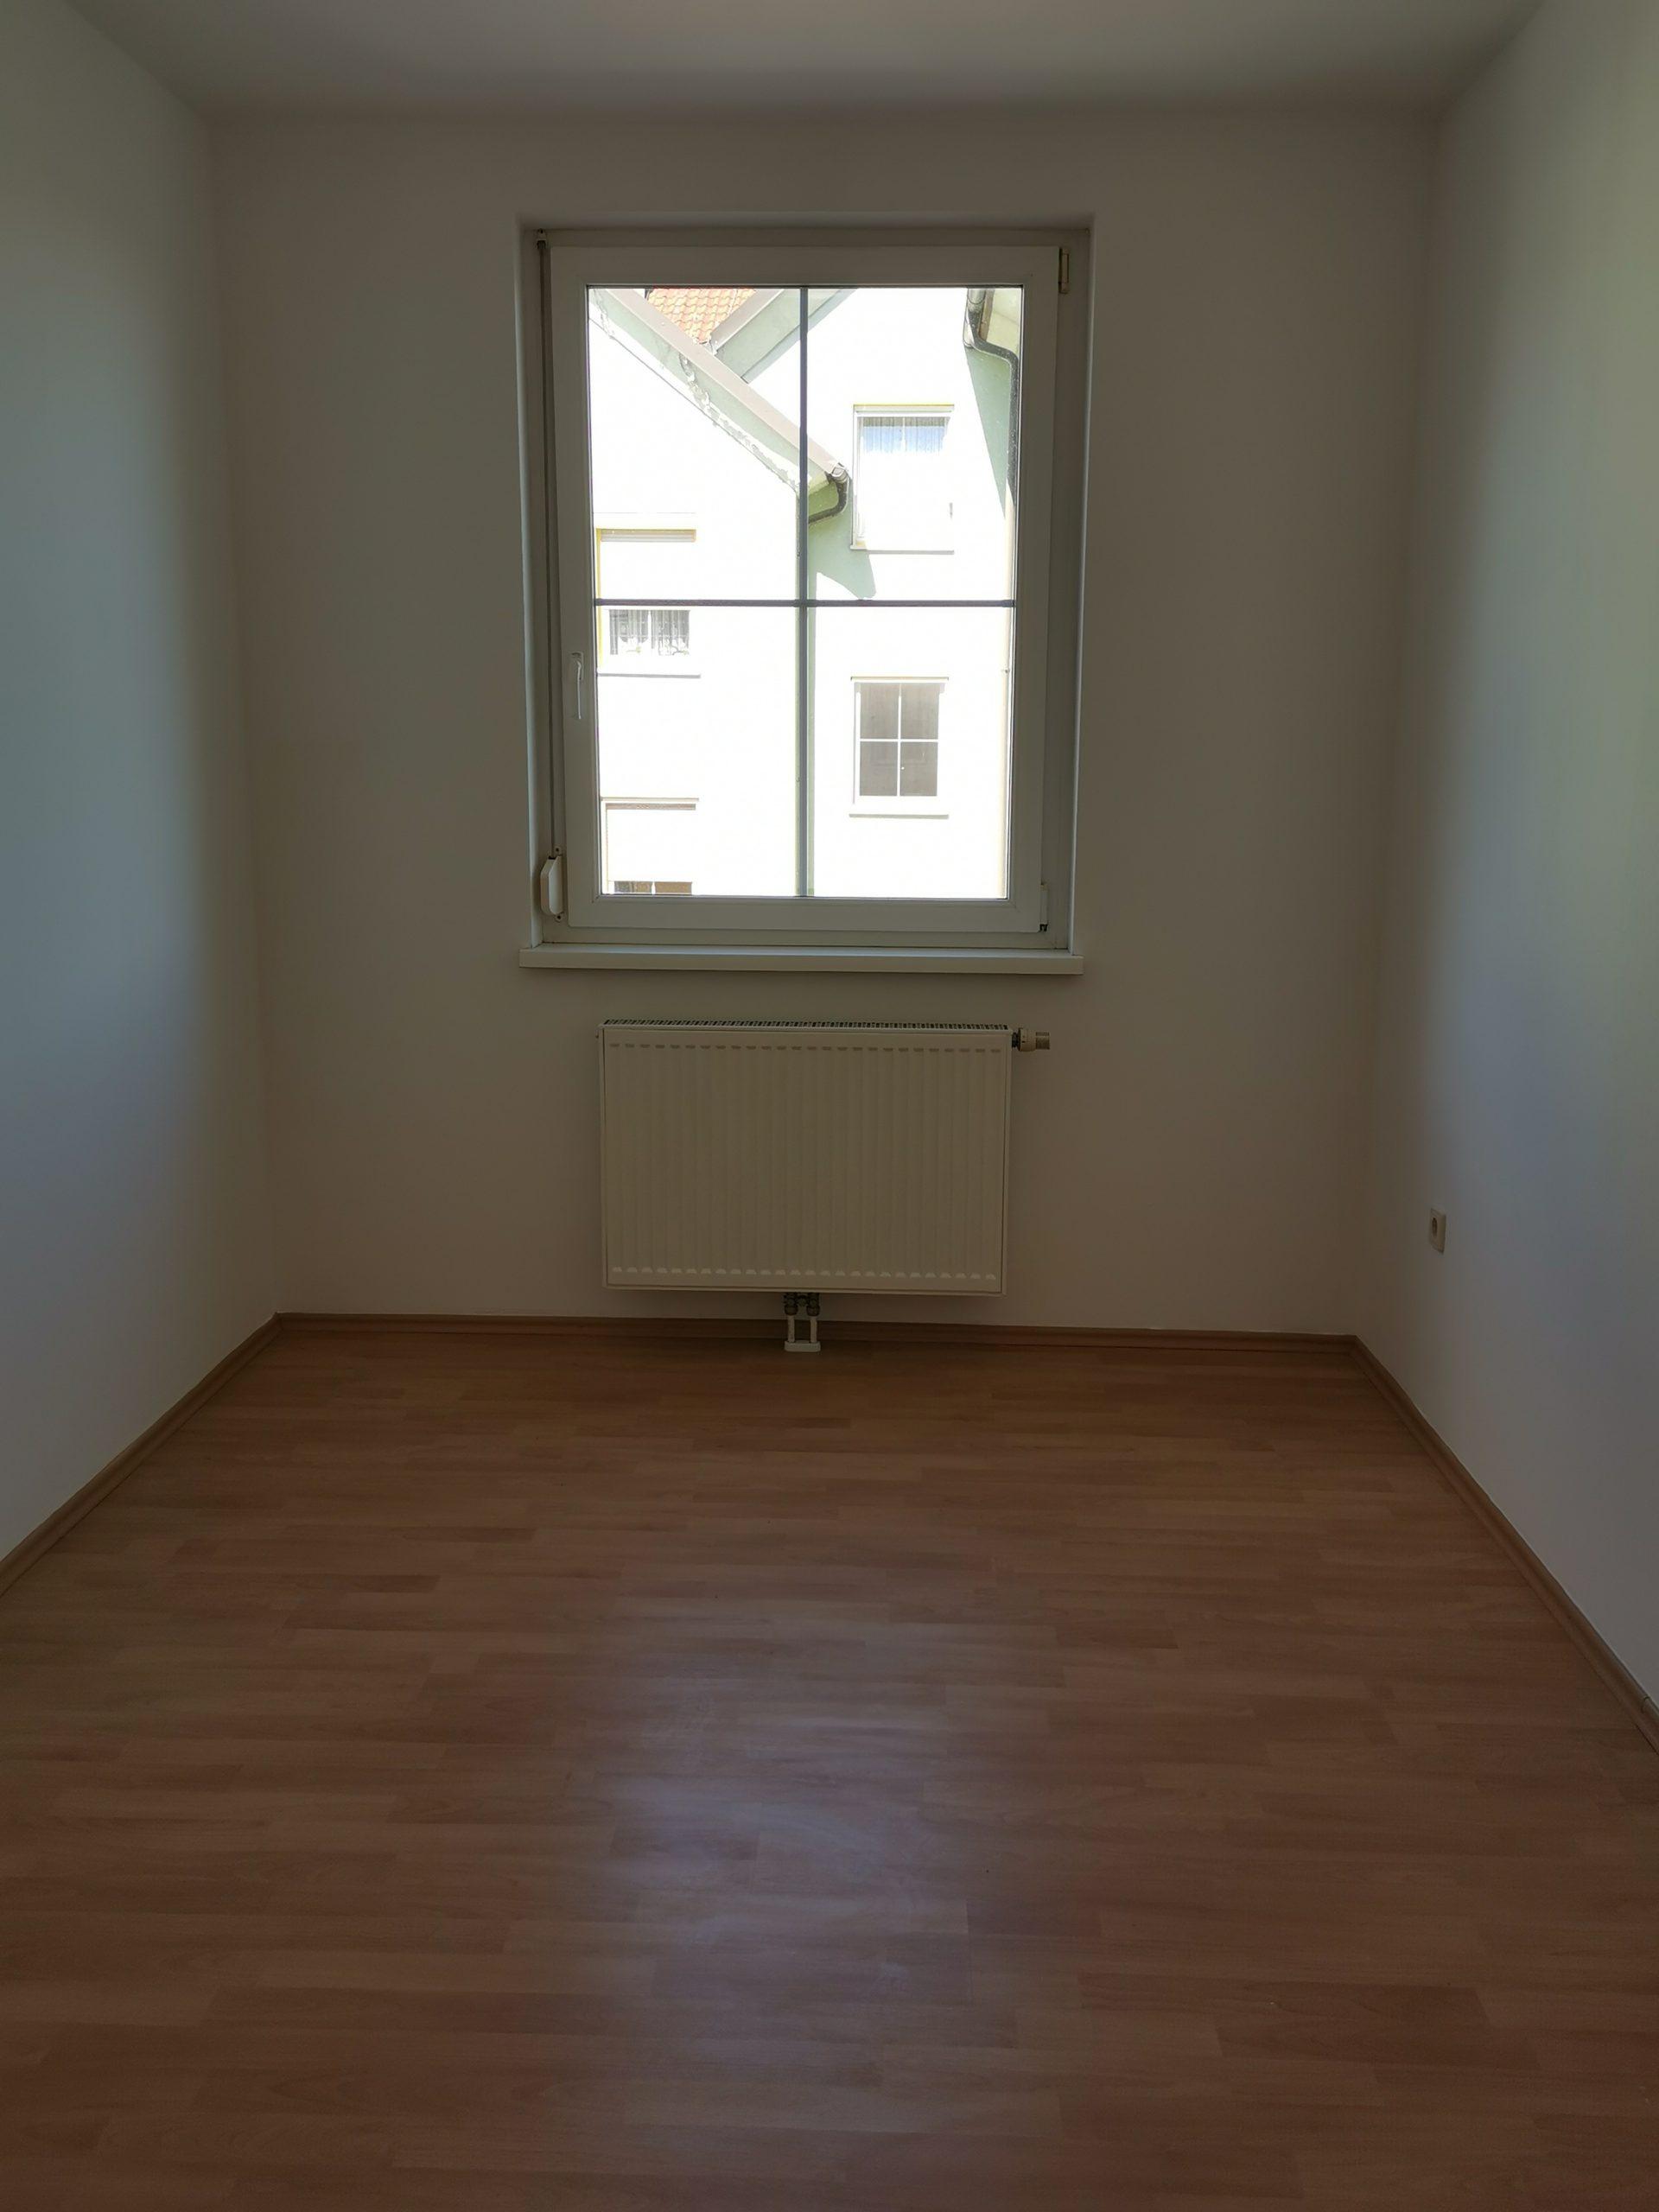 Immobilie von Kamptal in 3730 Eggenburg, Horn, Eggenburg III/4 - Top 6 #6